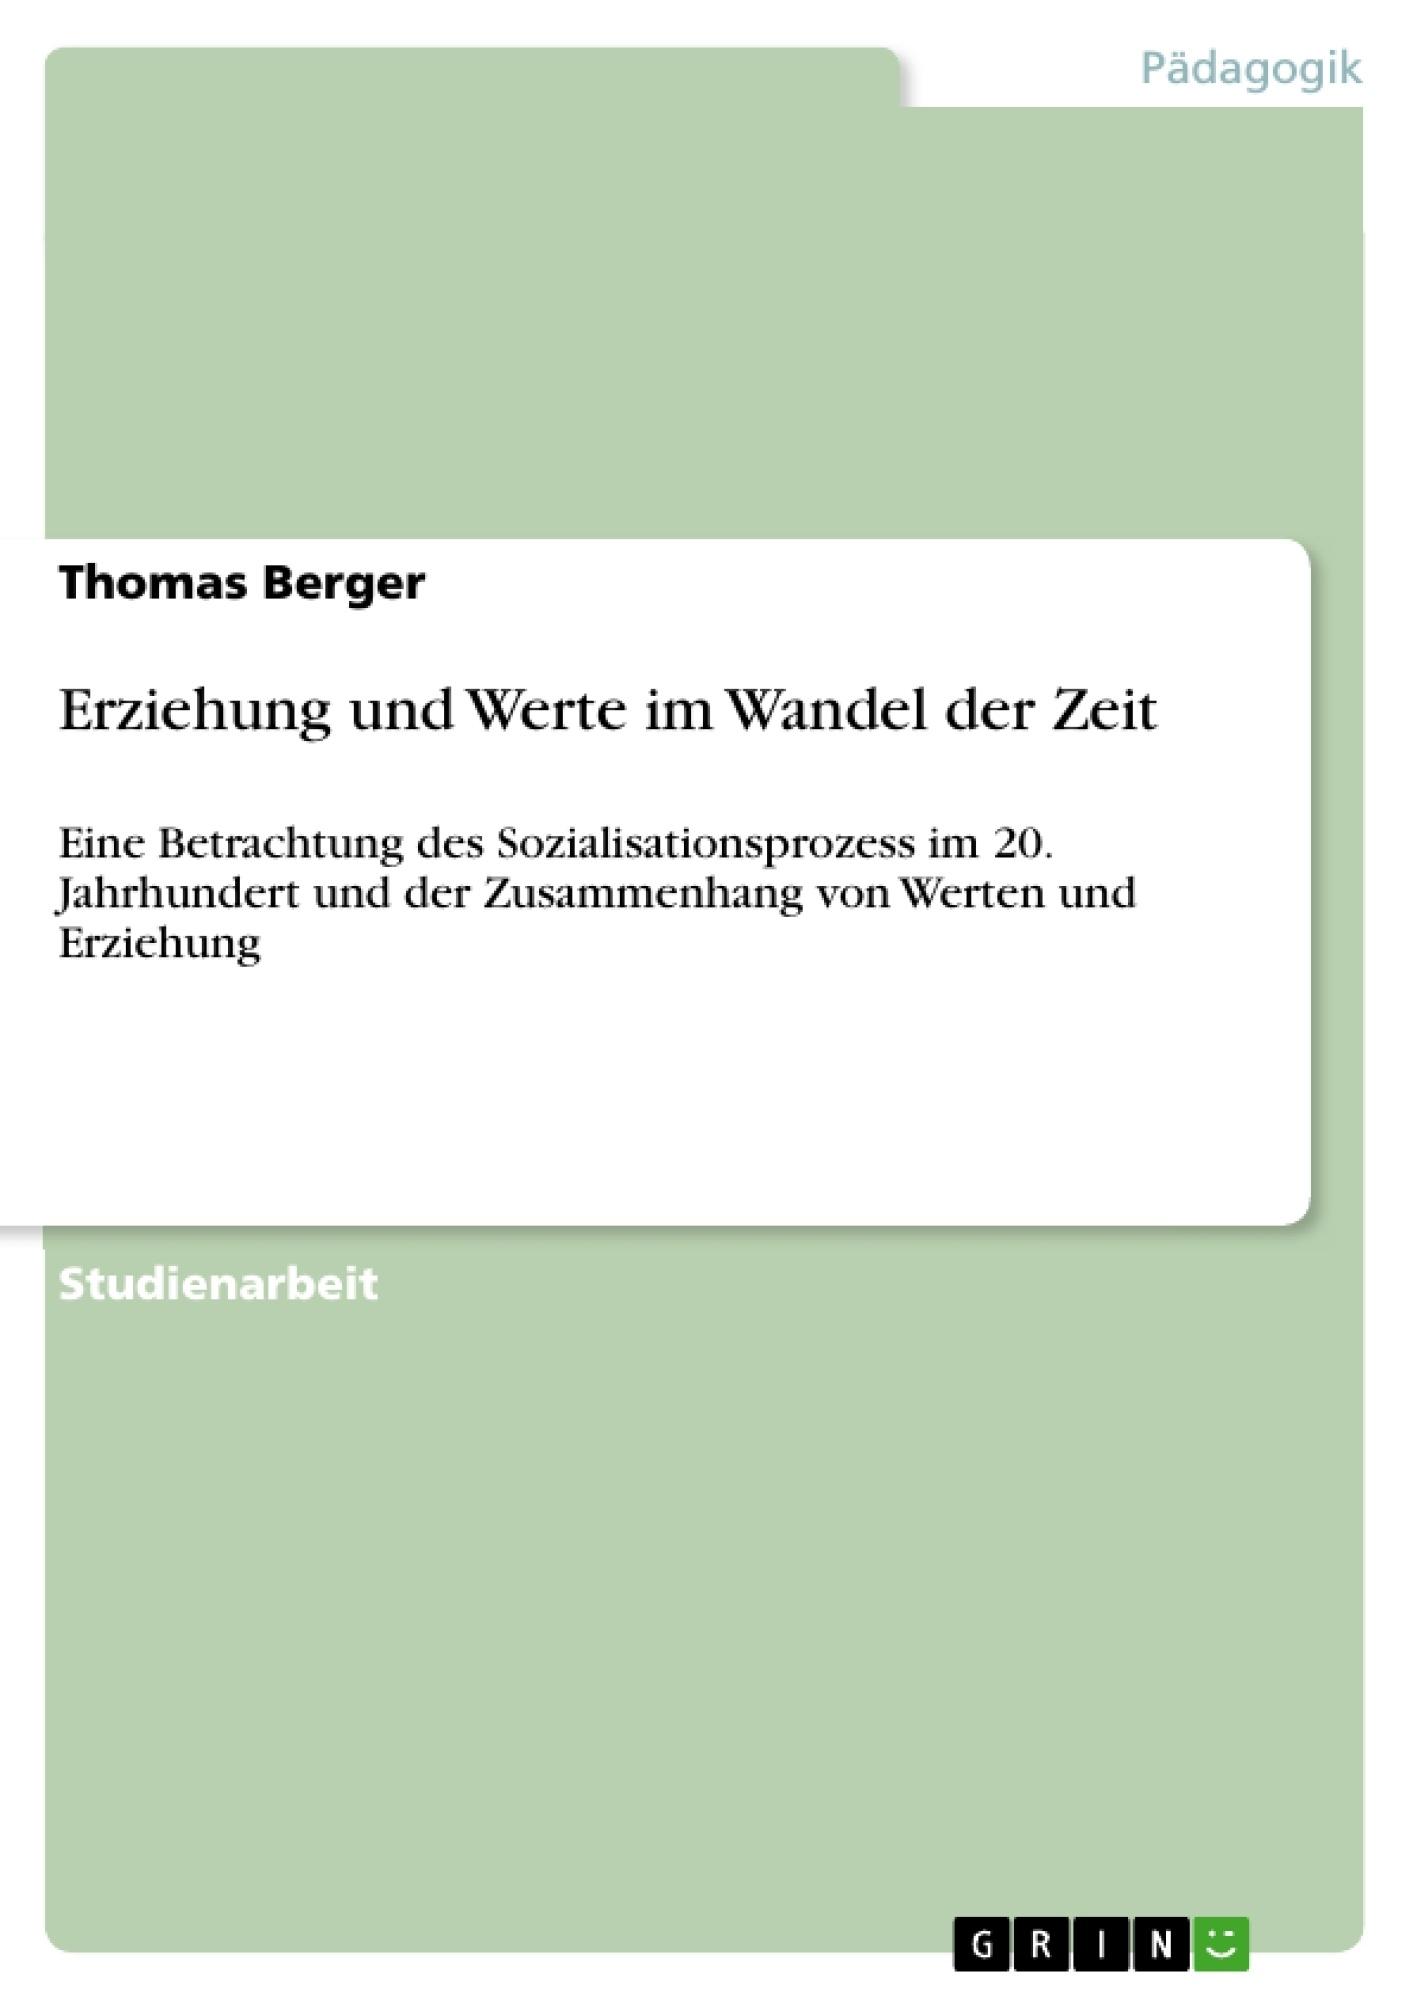 Titel: Erziehung und Werte im Wandel der Zeit